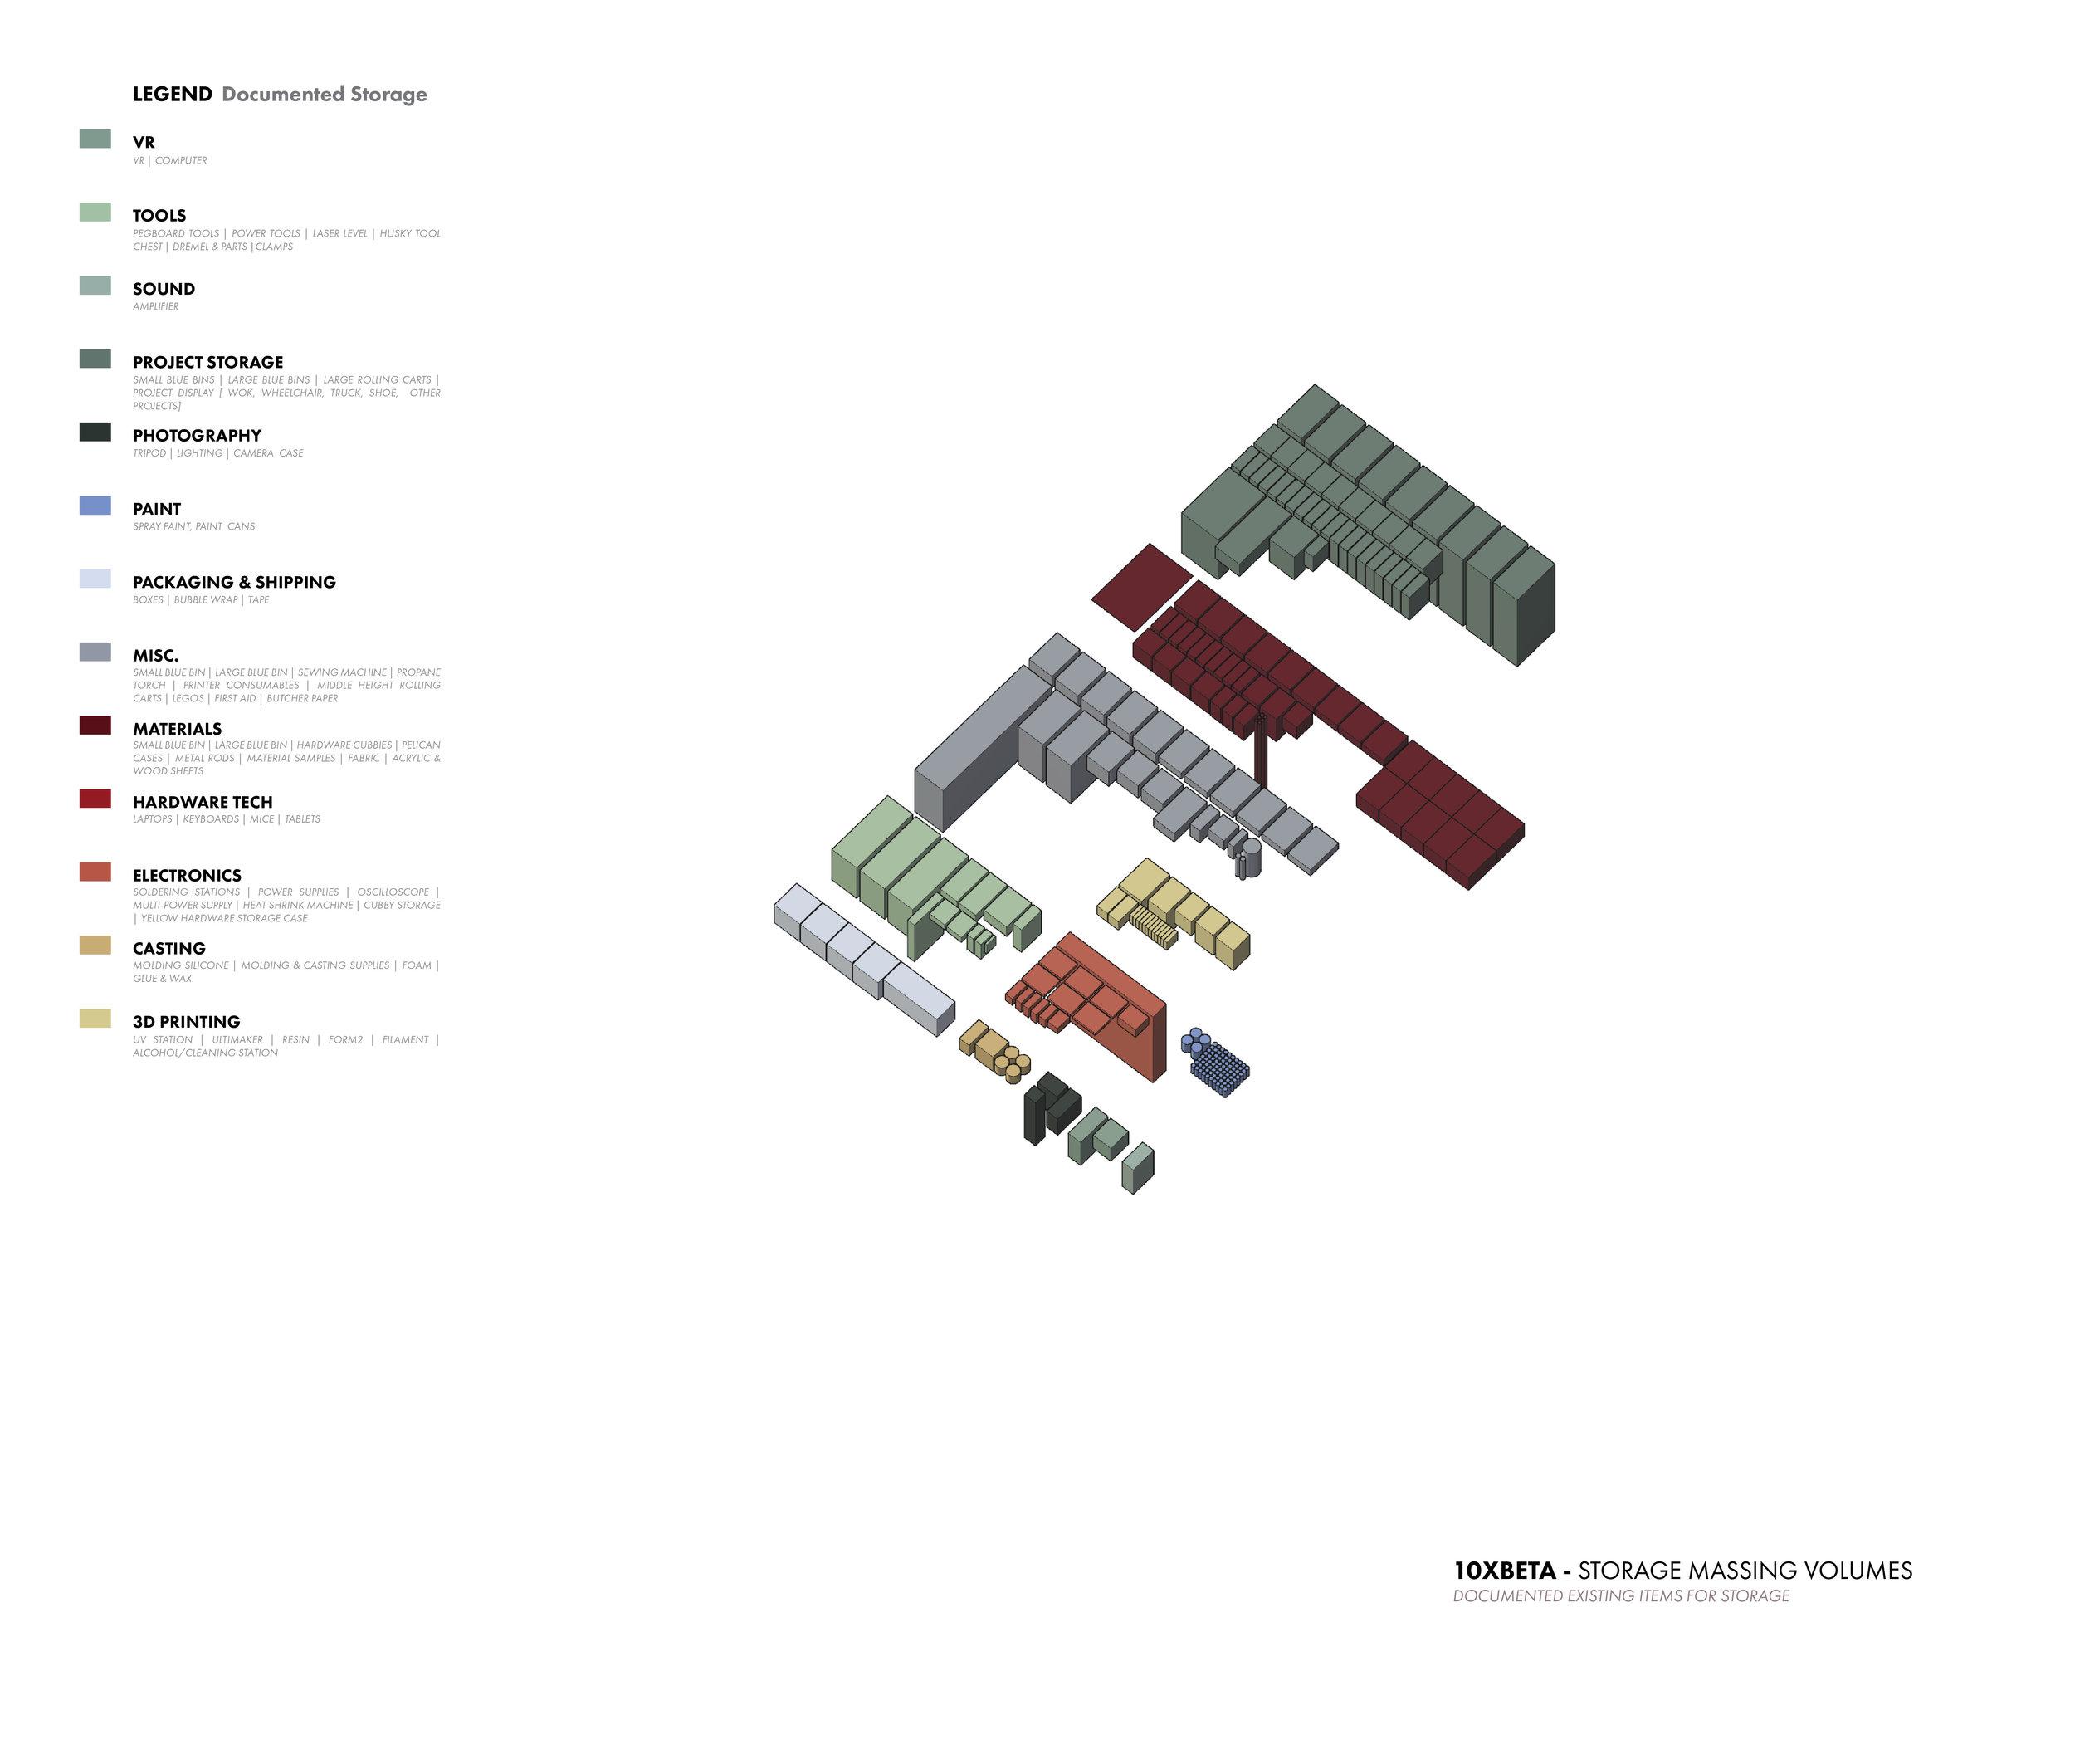 10xBETA_Storage_Space_Matrix7.jpg